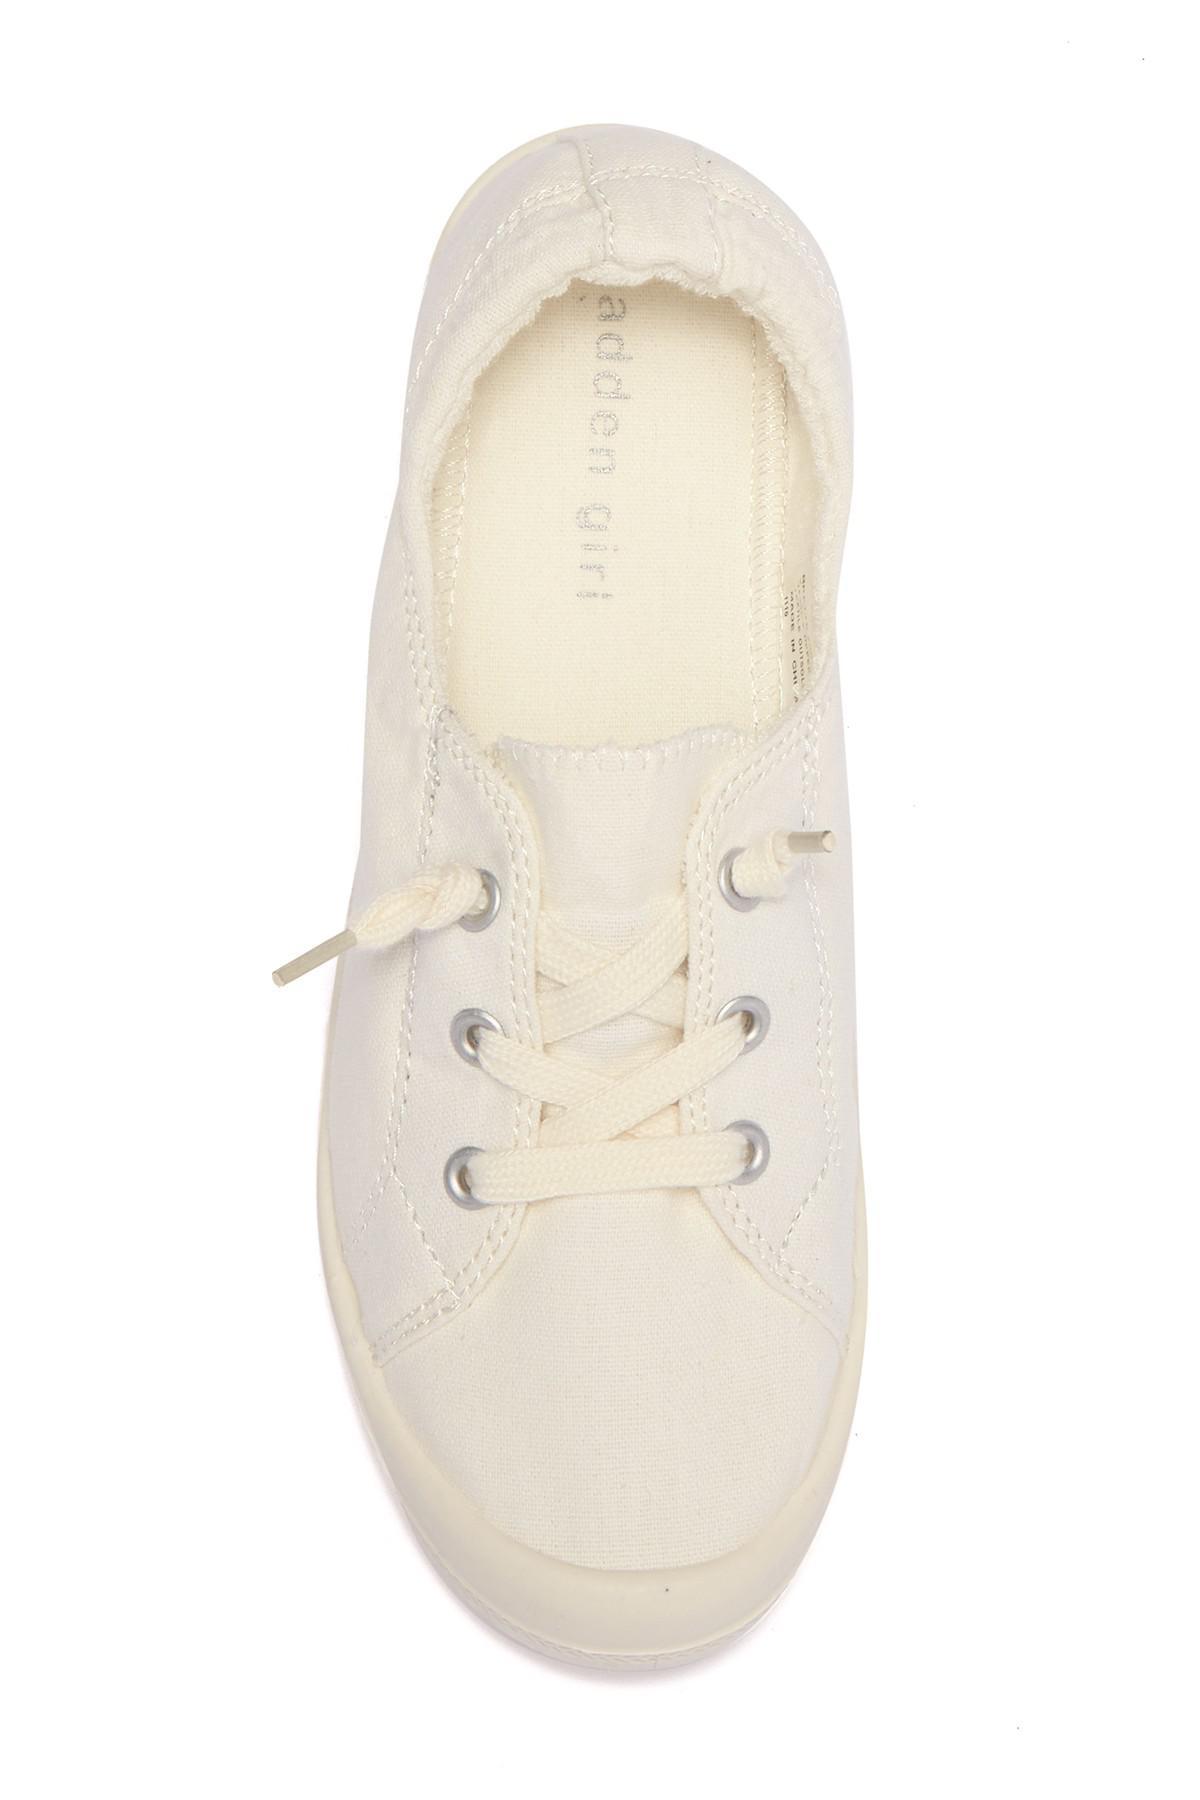 Madden Girl Brette Sneaker in White - Lyst